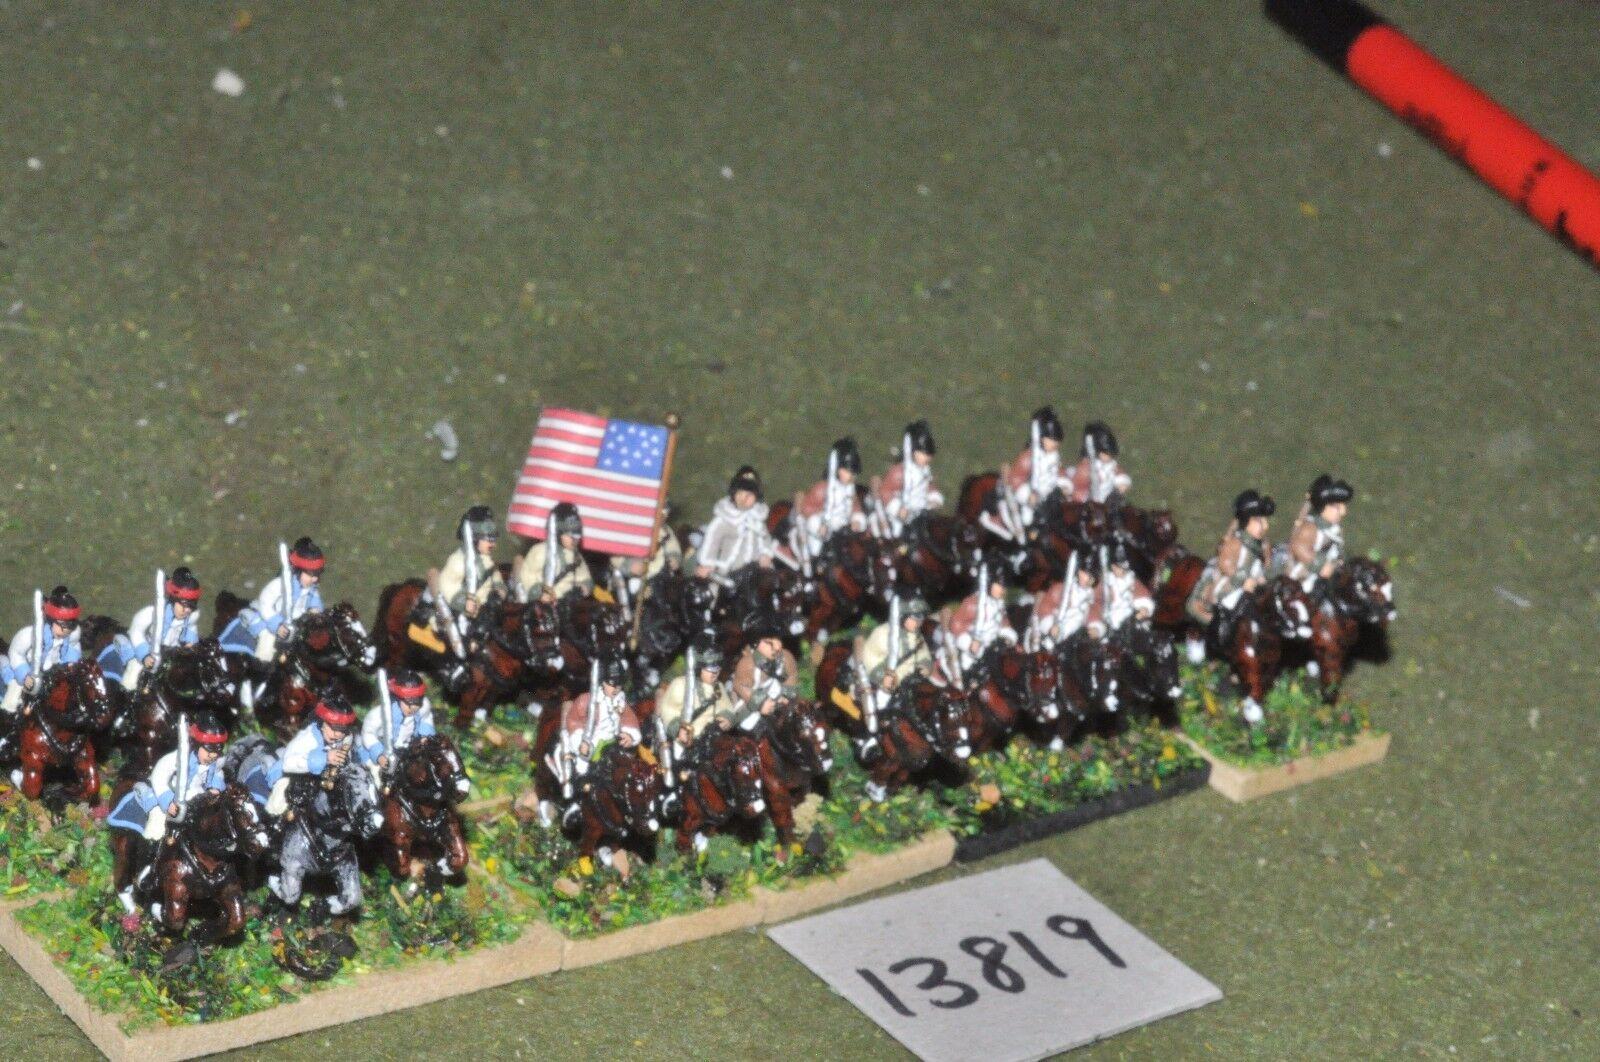 15 awi   us - kavallerie 23 kavallerie - cav (13819)